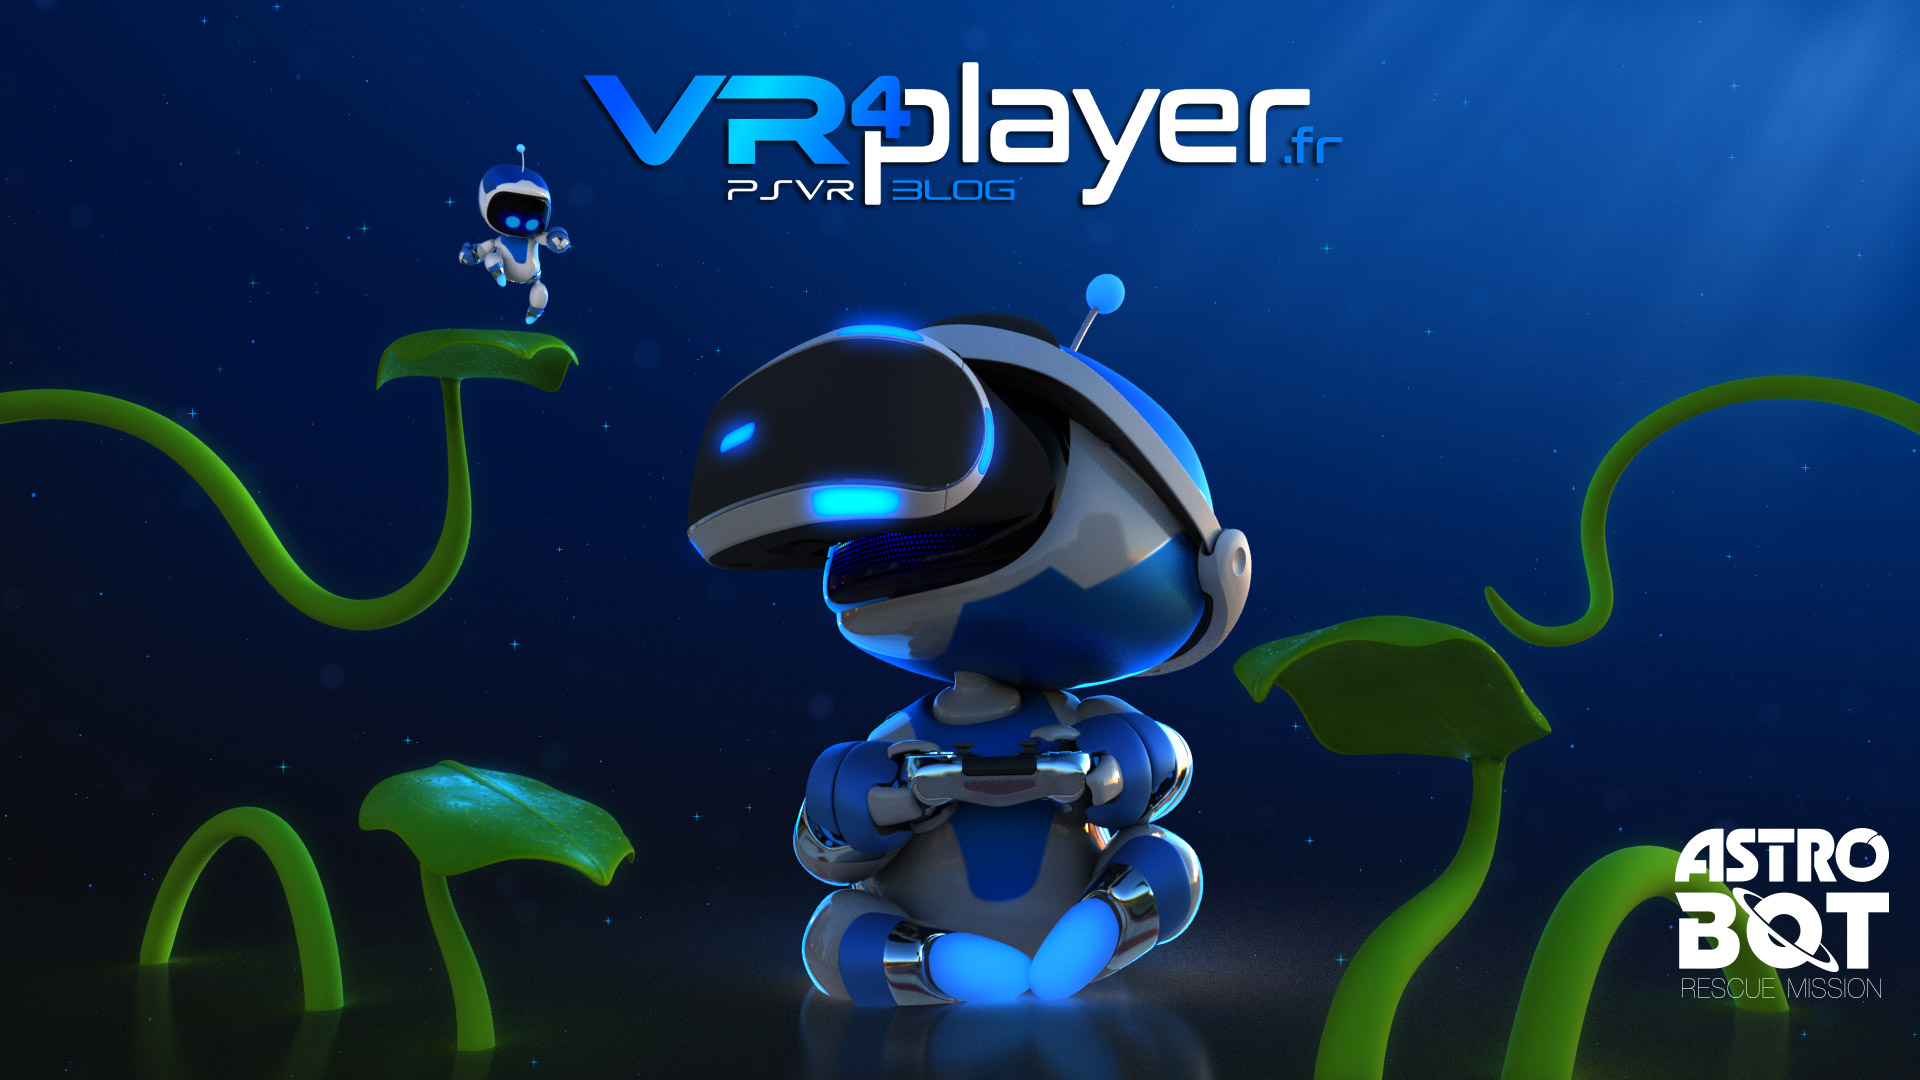 Astro Bot devait être multijoueur sur PSVR - vr4player.fr